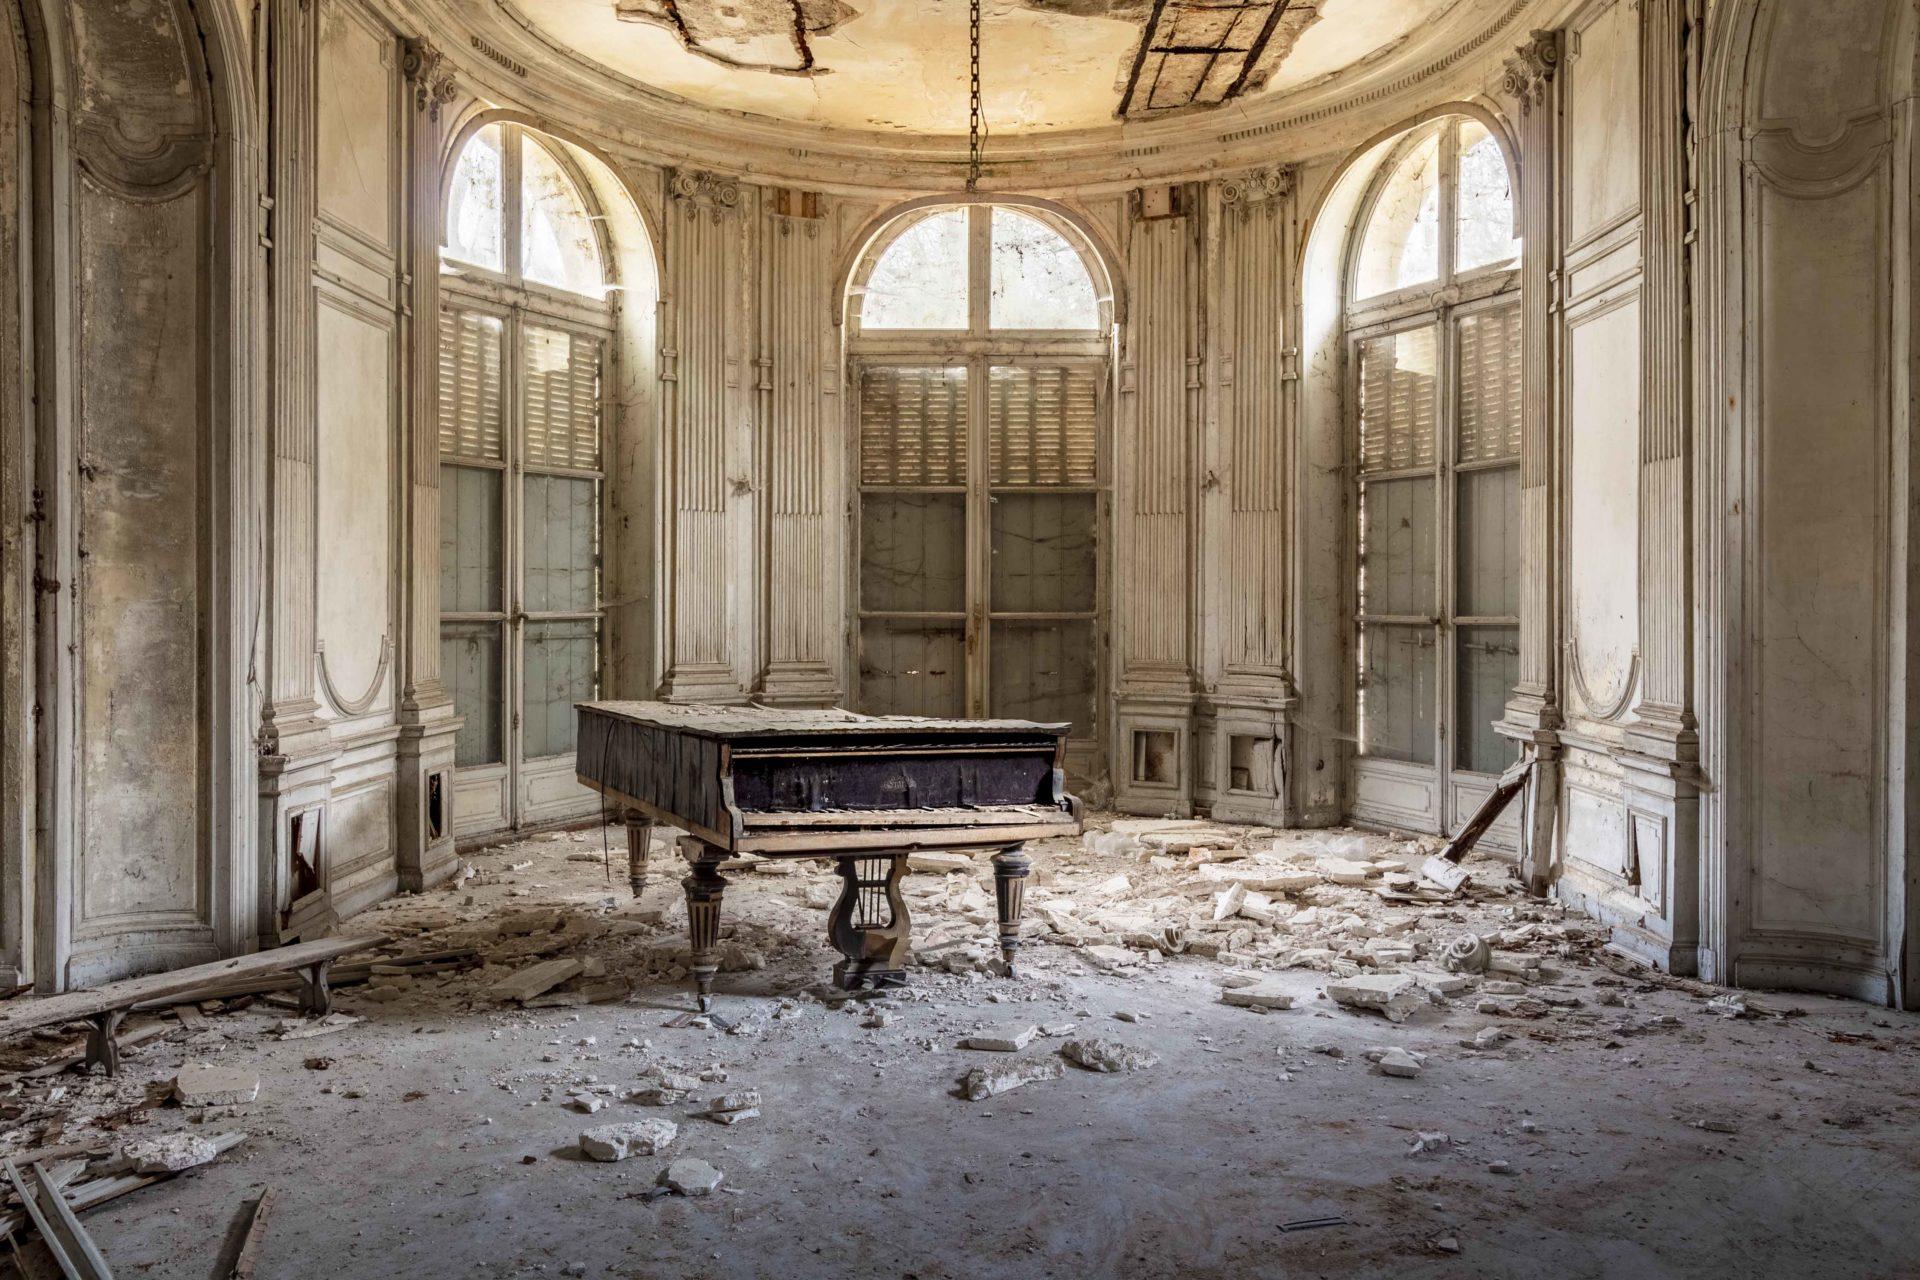 Requiem pour pianos 7 | Serie Requiem pour pianos | Romain Thiery